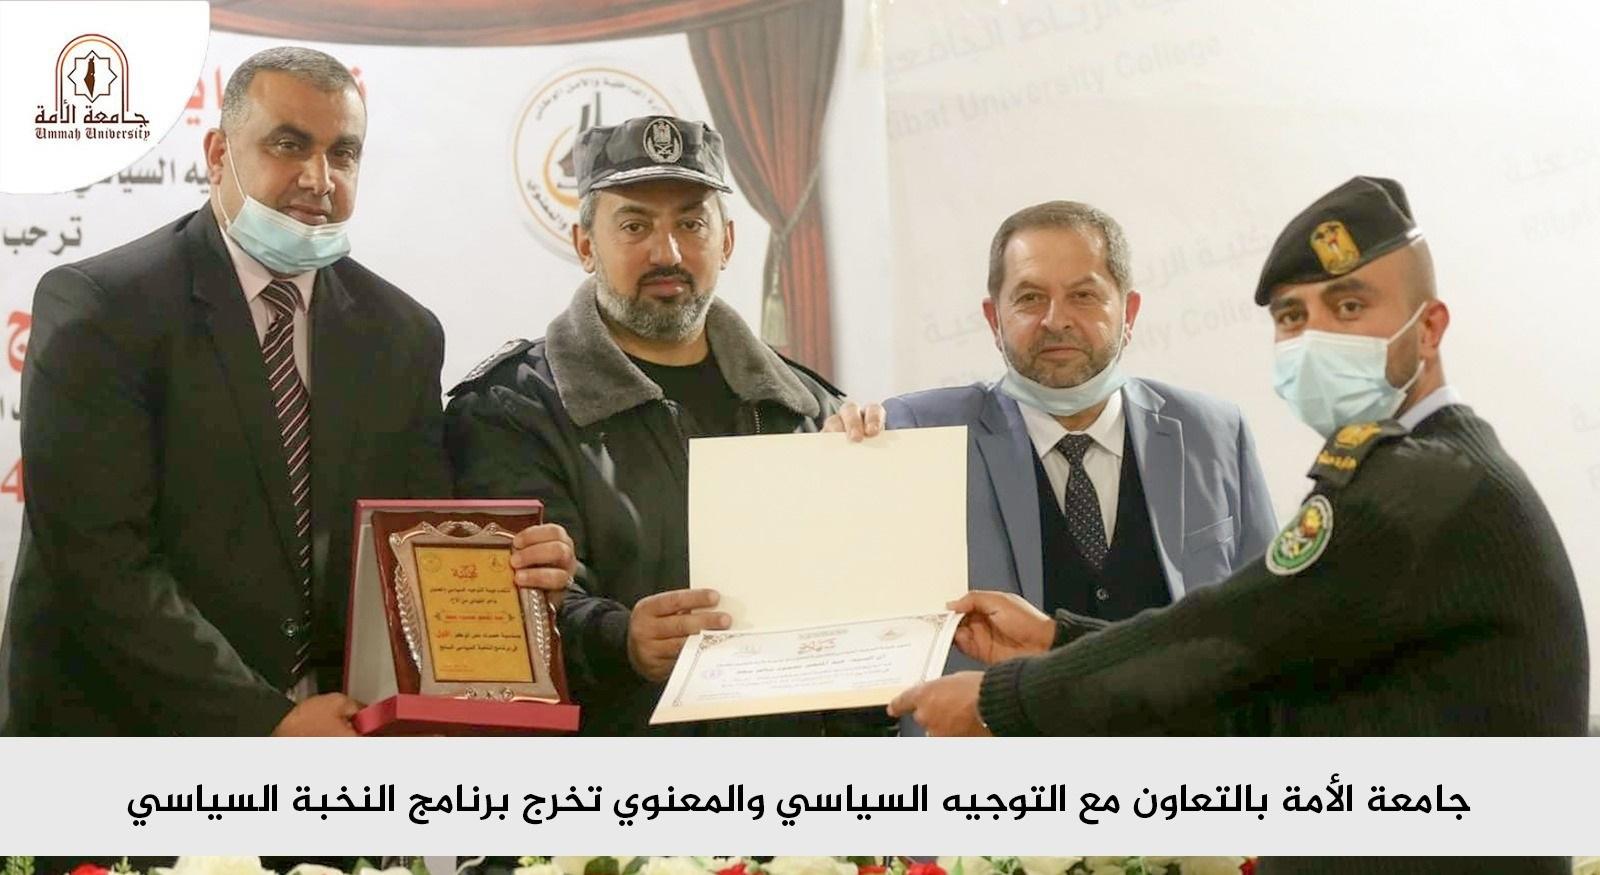 جامعة الأمة بالتعاون مع التوجيه السياسي تخرج فوج النحبة السياسي